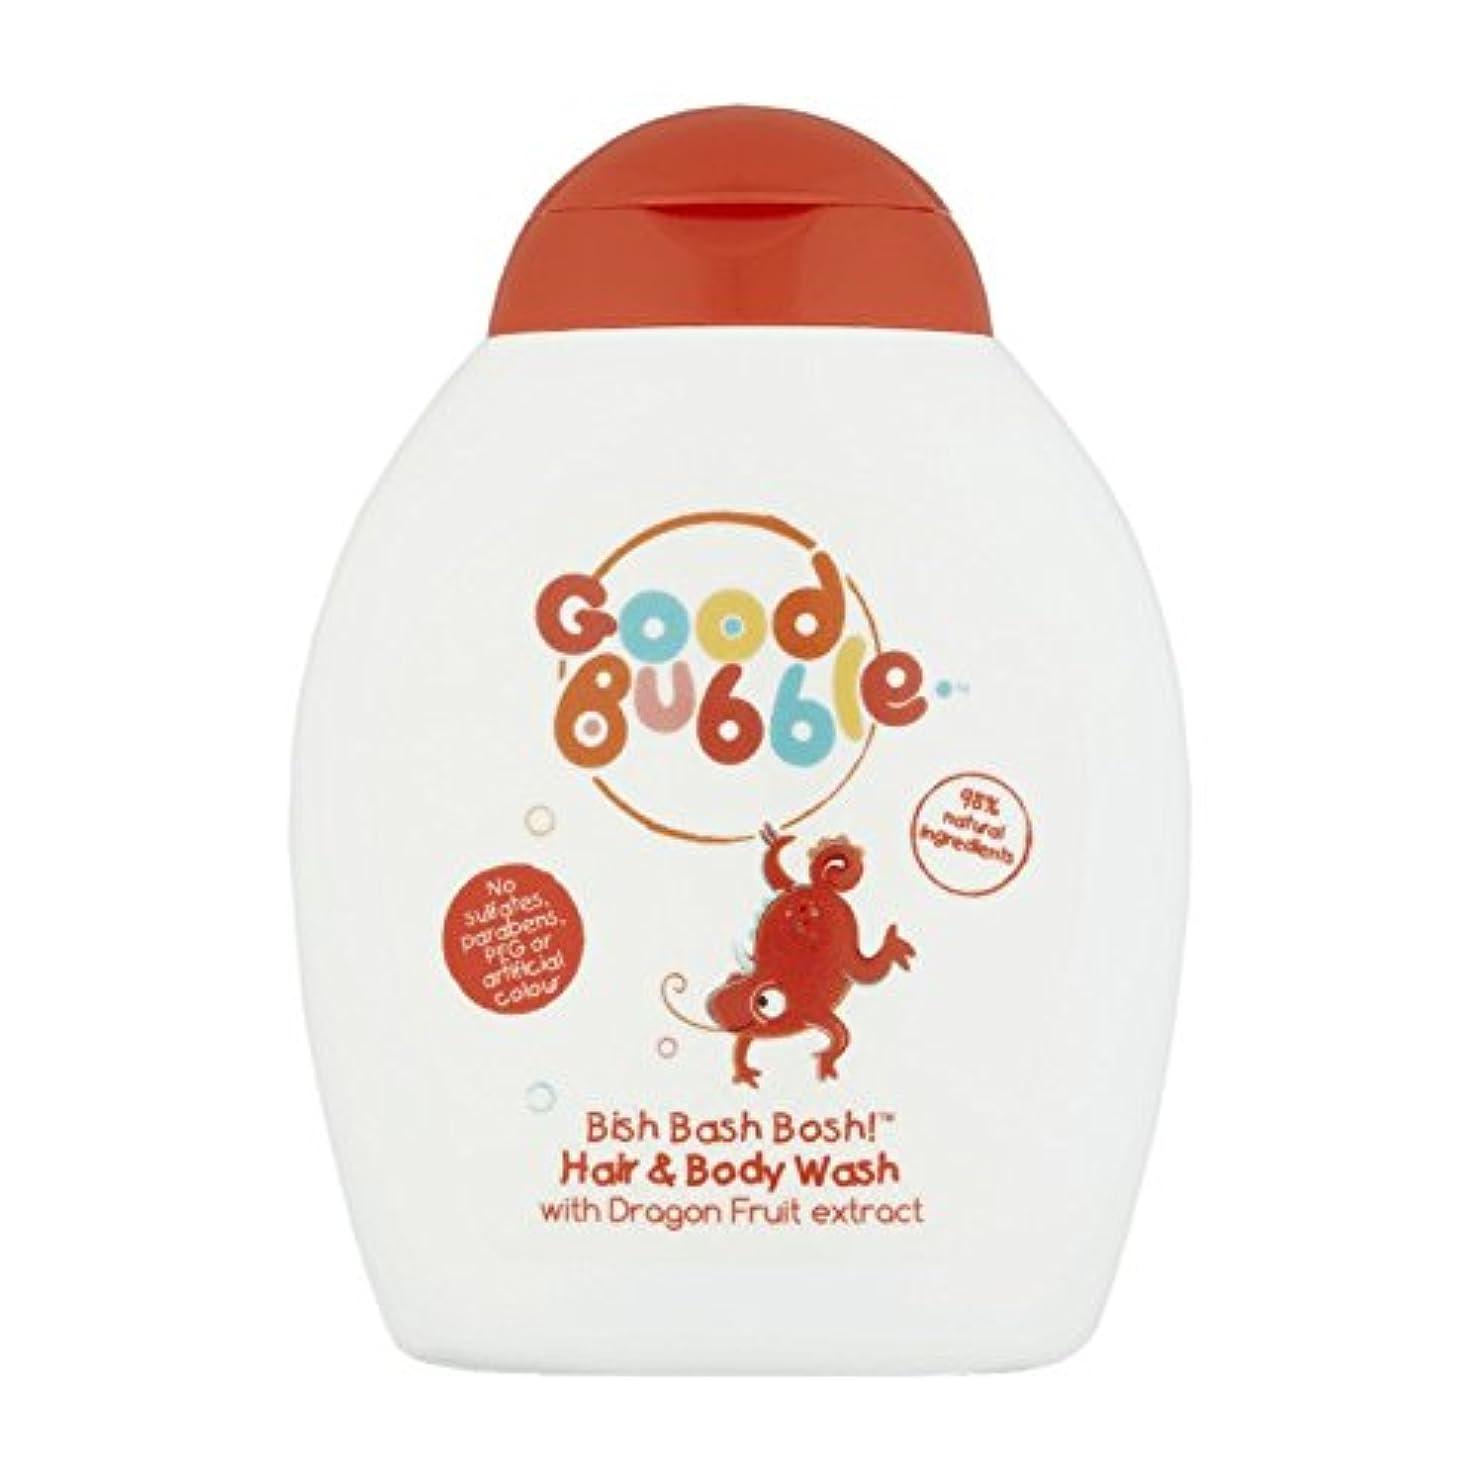 衝撃気になる順応性良いバブルドラゴンフルーツのヘア&ボディウォッシュ250ミリリットル - Good Bubble Dragon Fruit Hair & Body Wash 250ml (Good Bubble) [並行輸入品]